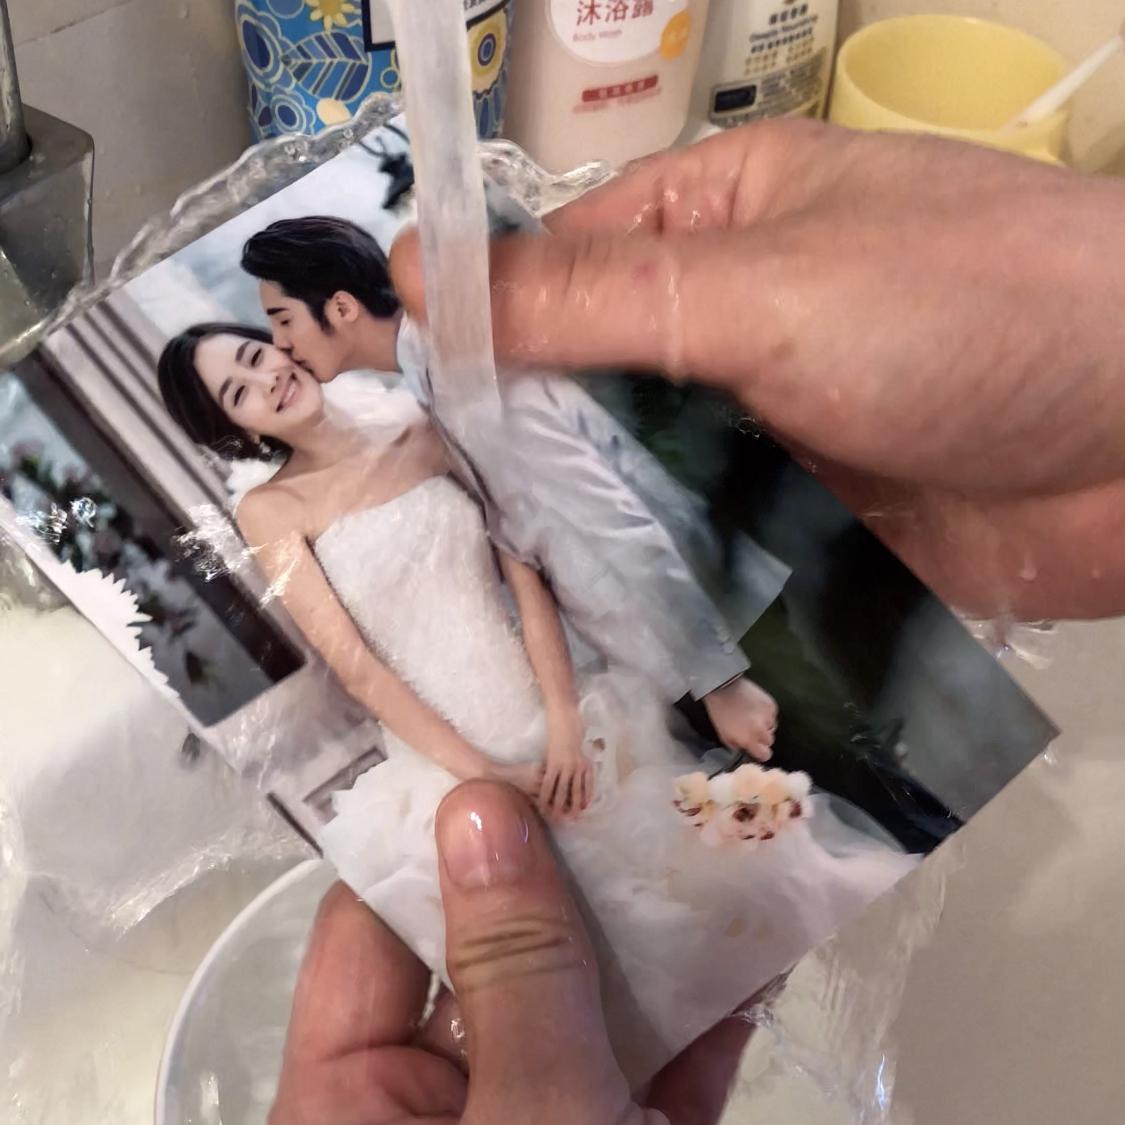 照片墙洗照片冲印打印相片5 6 8k10 a3 a4 13寸7*12寸正方椭圆形